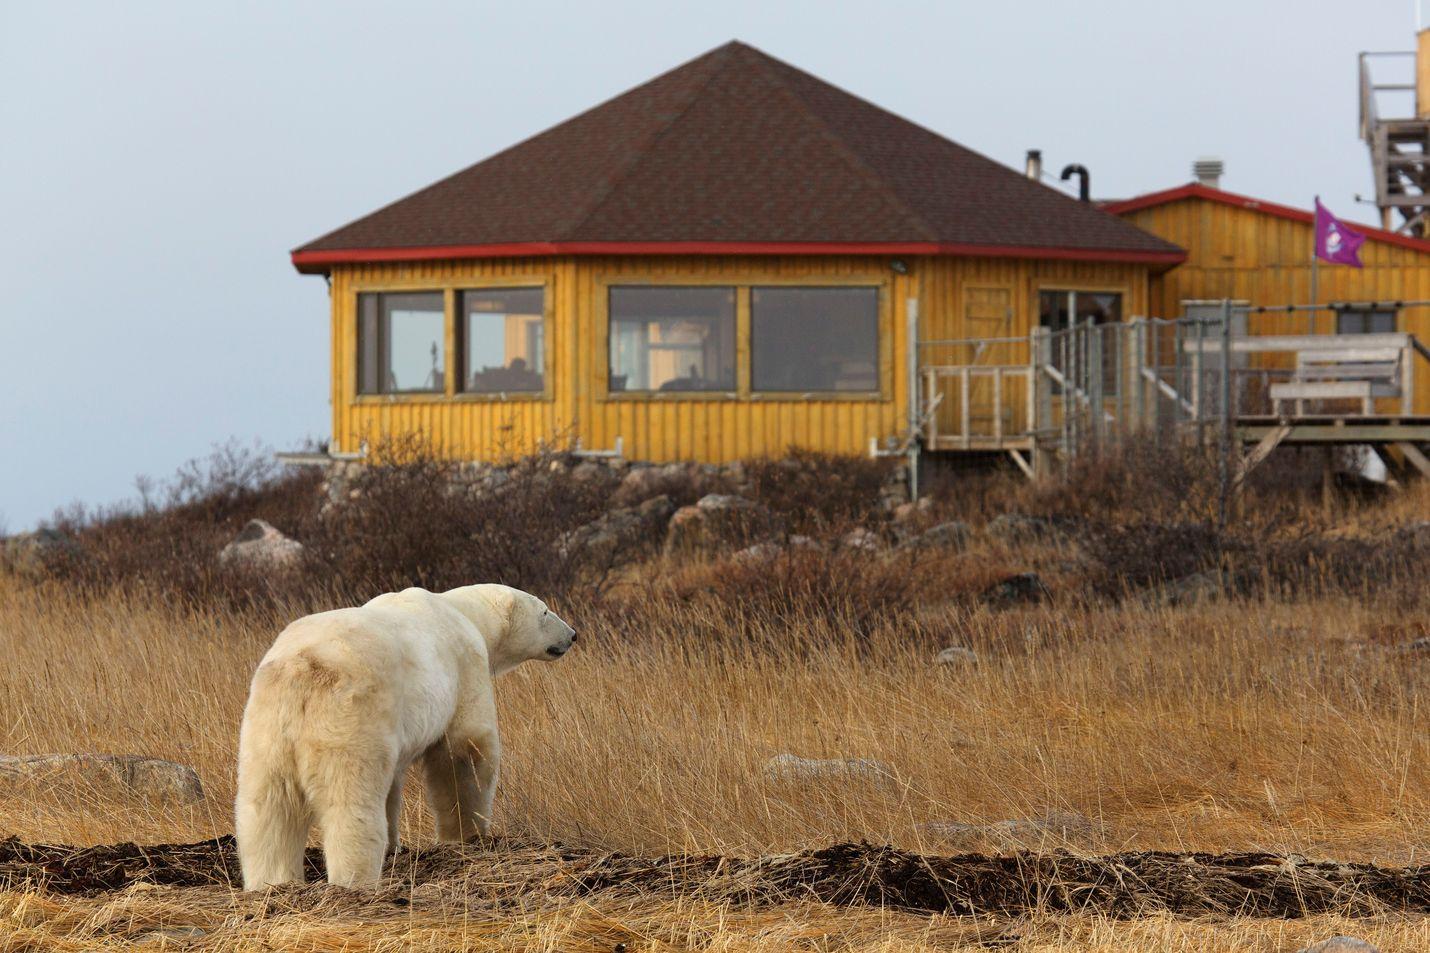 Jääkarhu on ei-toivottu vierailija ihmisasutusten lähellä Kanadan pohjoisessa Manitoban provinssissa. Kuva on Seal River -perinnemajoituspaikan läheltä lokakuulta 2016.